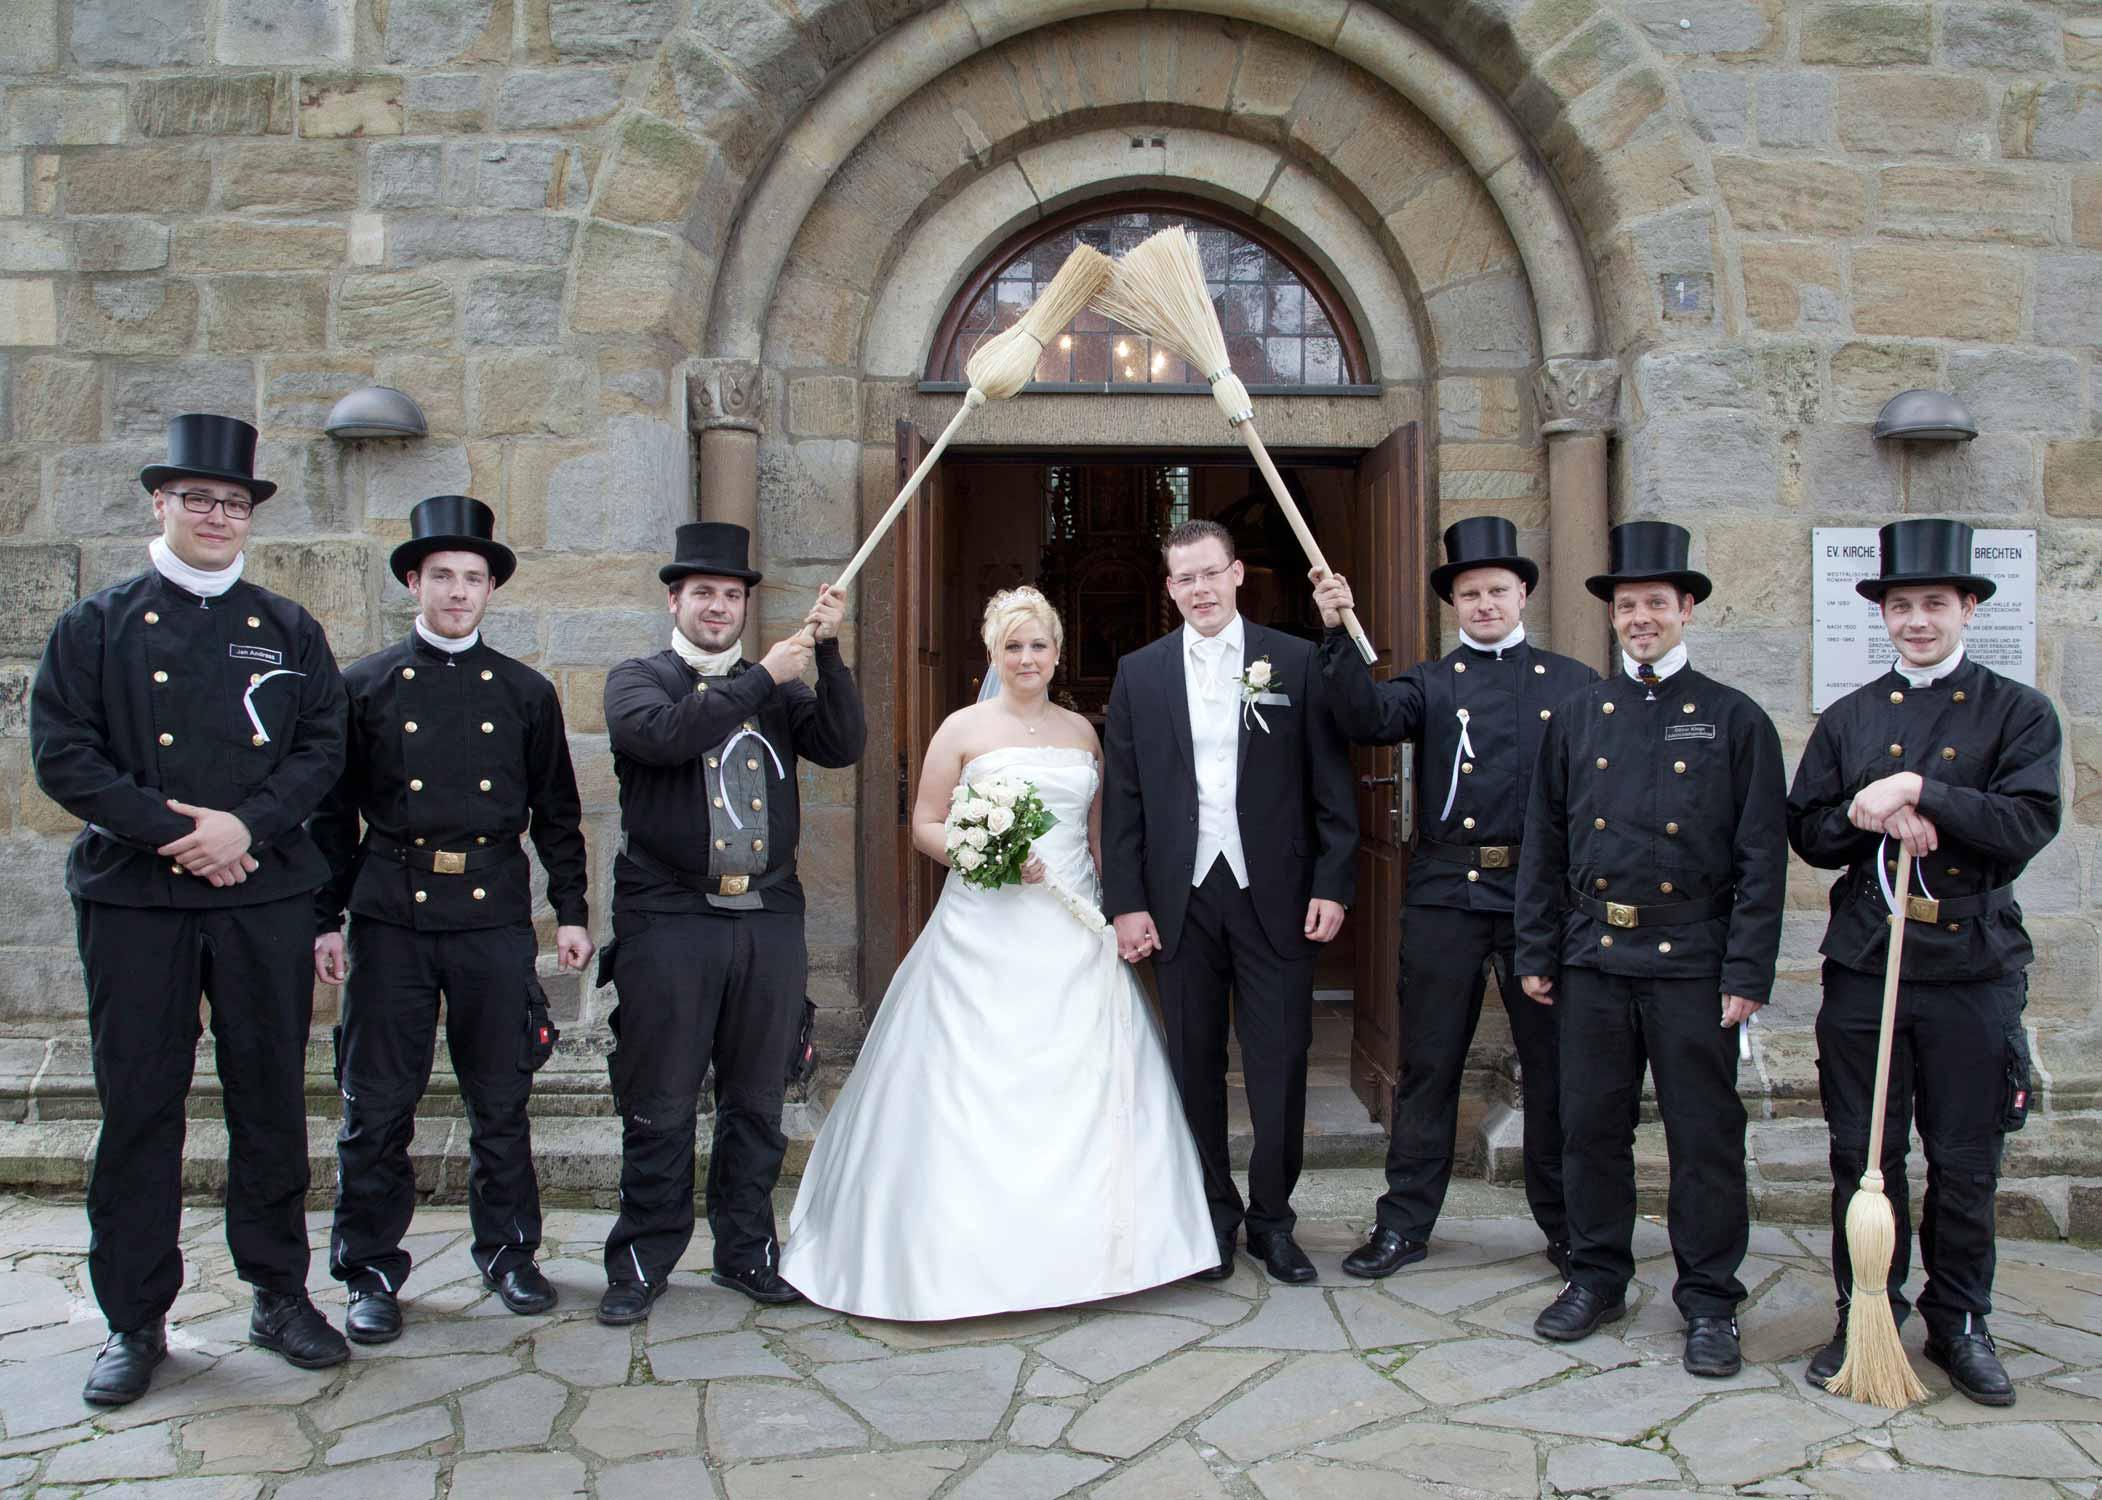 Das Brautpaar vor der Kirche mit sechs Schornsteinfegern. Sie halten zwei Besen über das Brautpaar. Die Schornsteinfeger haben schwarze Zylinder auf.